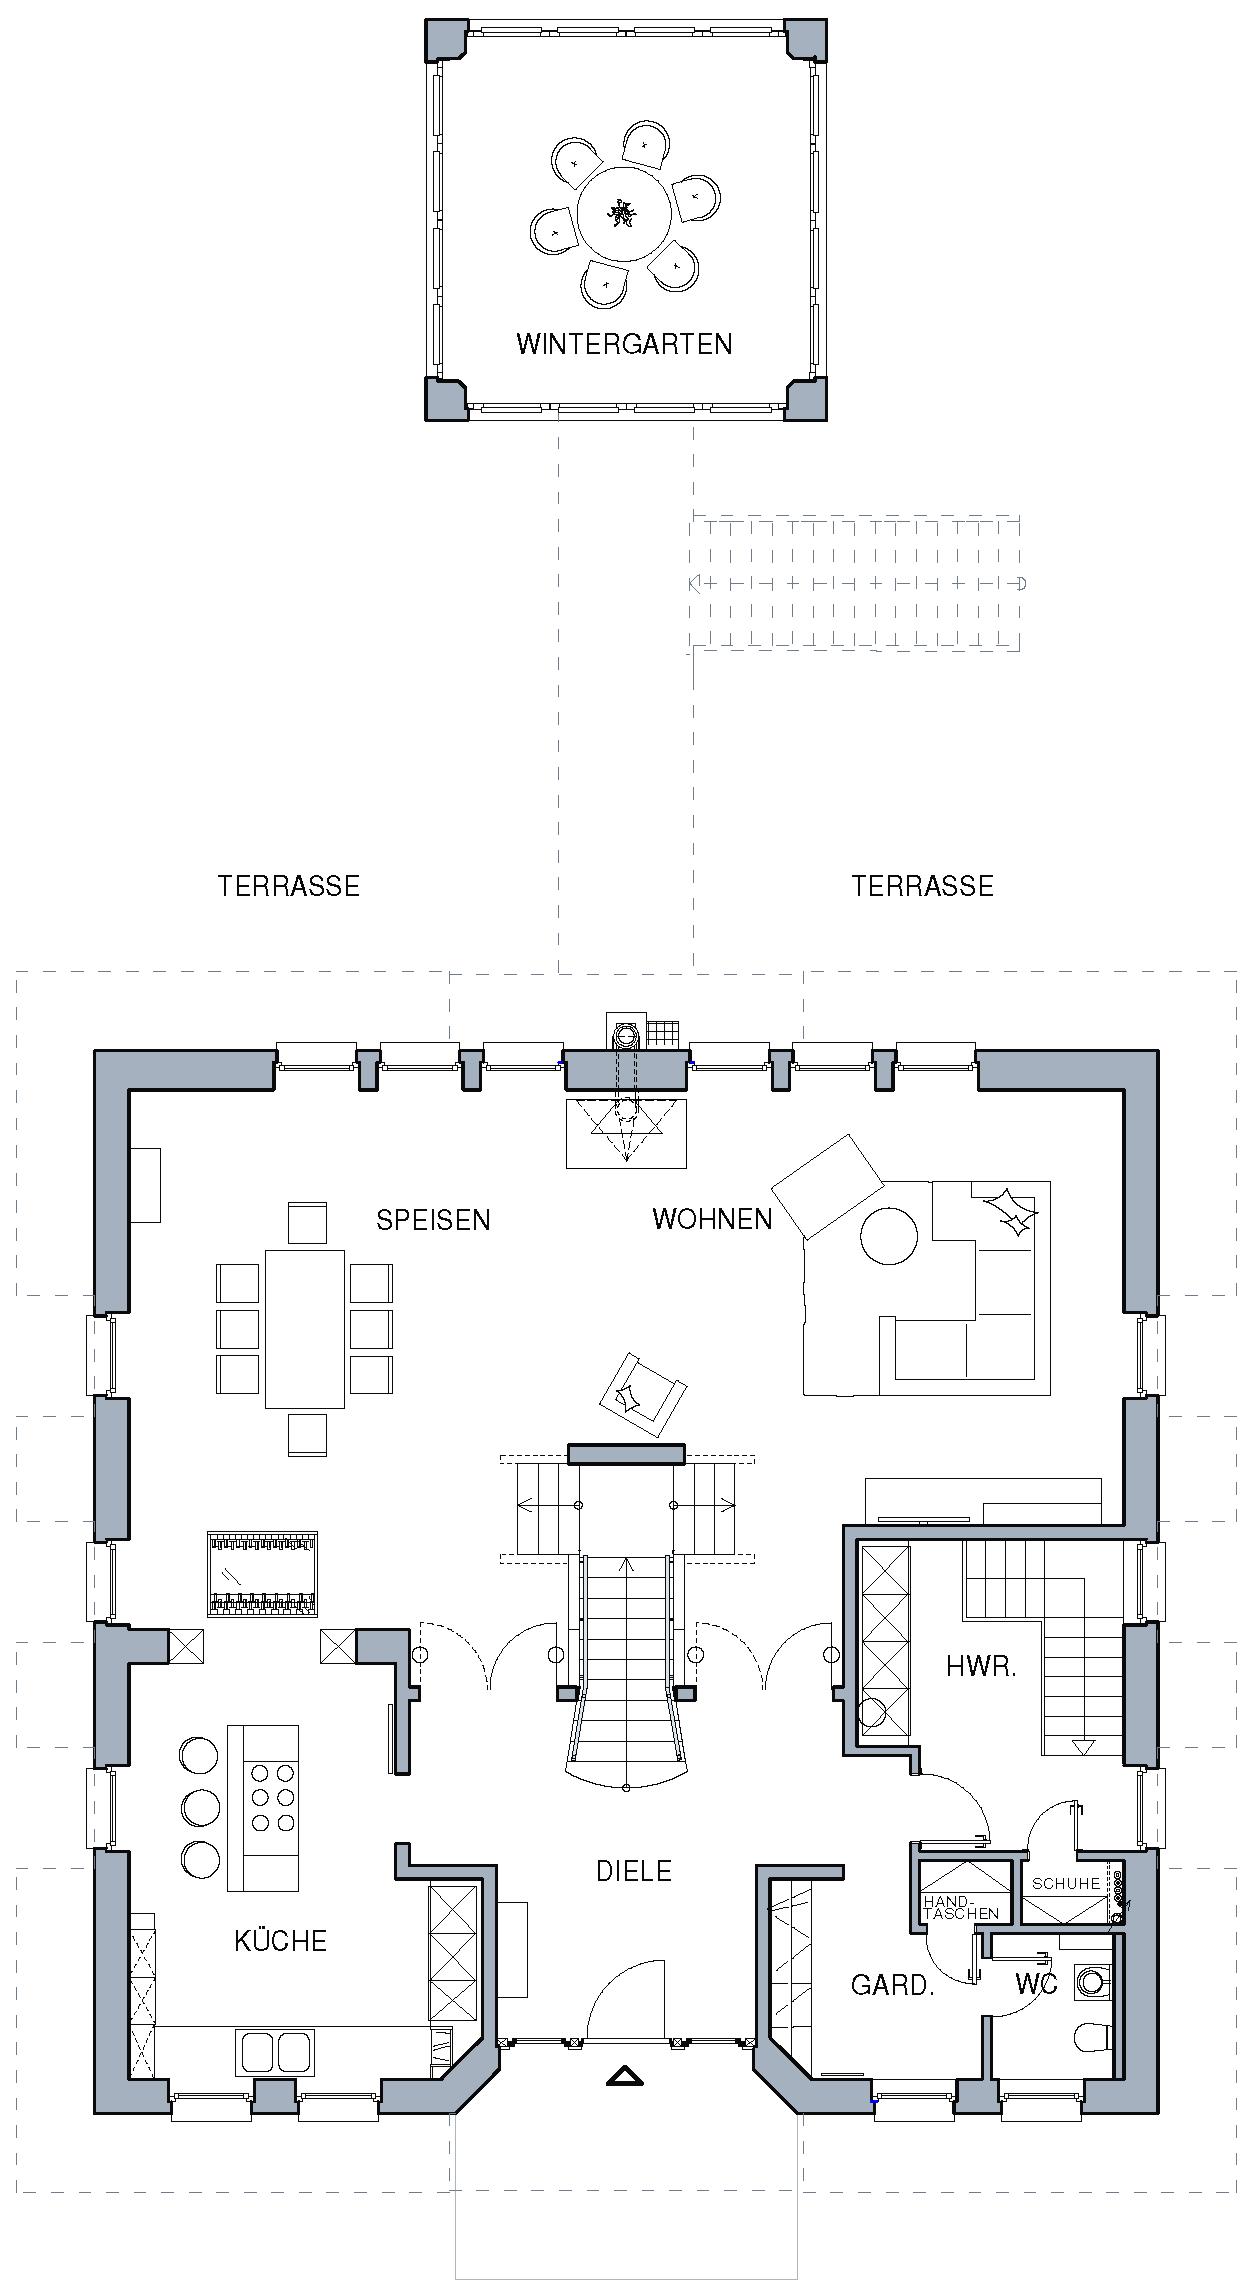 Grundriss für großen Lebensraum Landhäuser grundriss